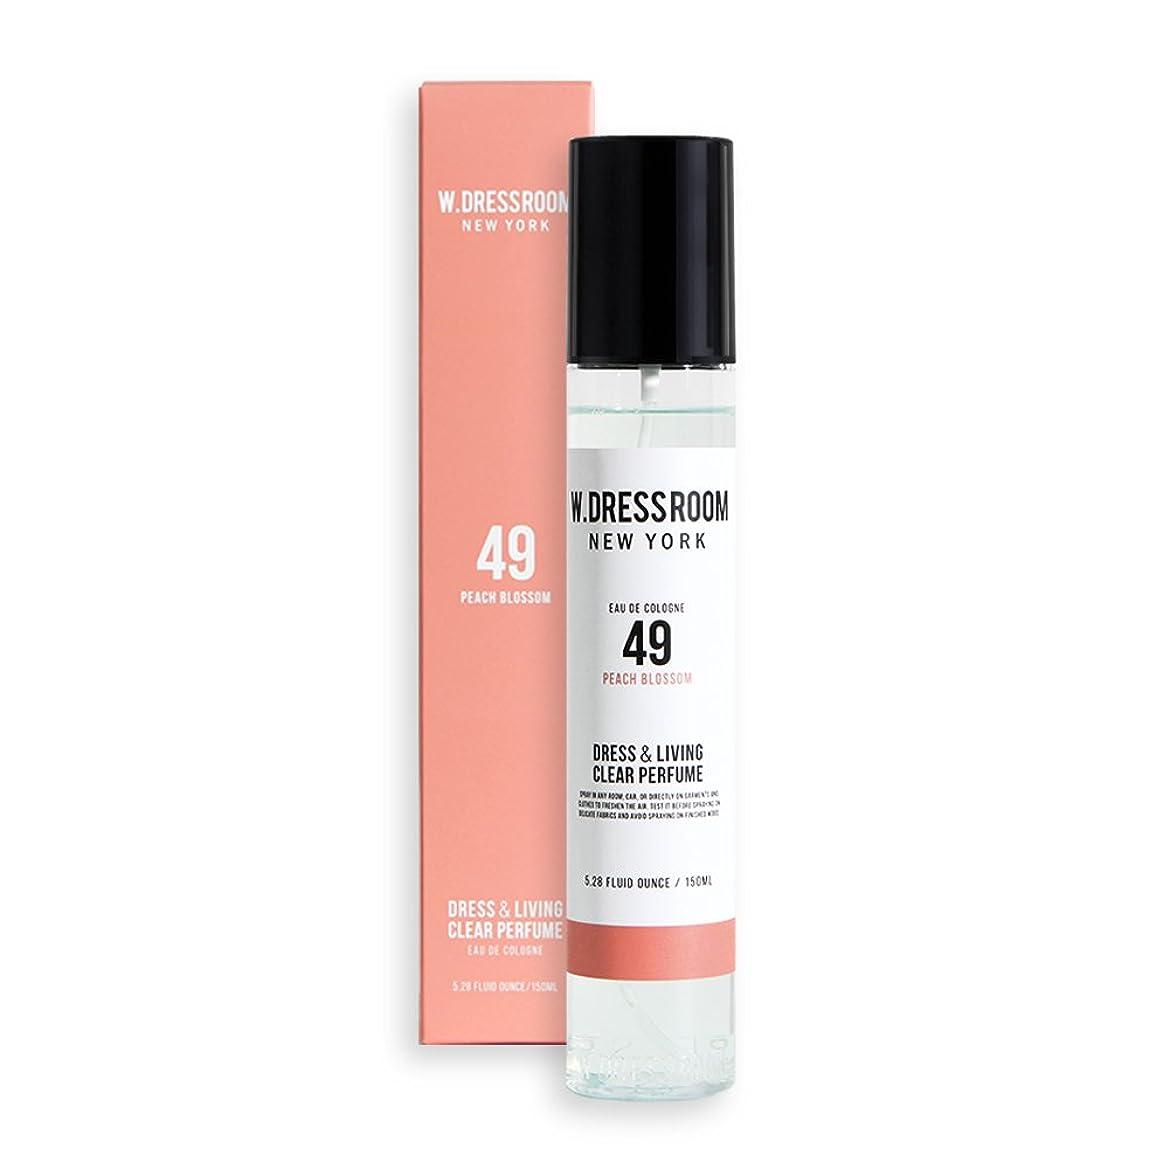 W.Dressroom 香水 エアフレッシャー ホームフレグランススプレー 150ml 49 ピーチブロッサム